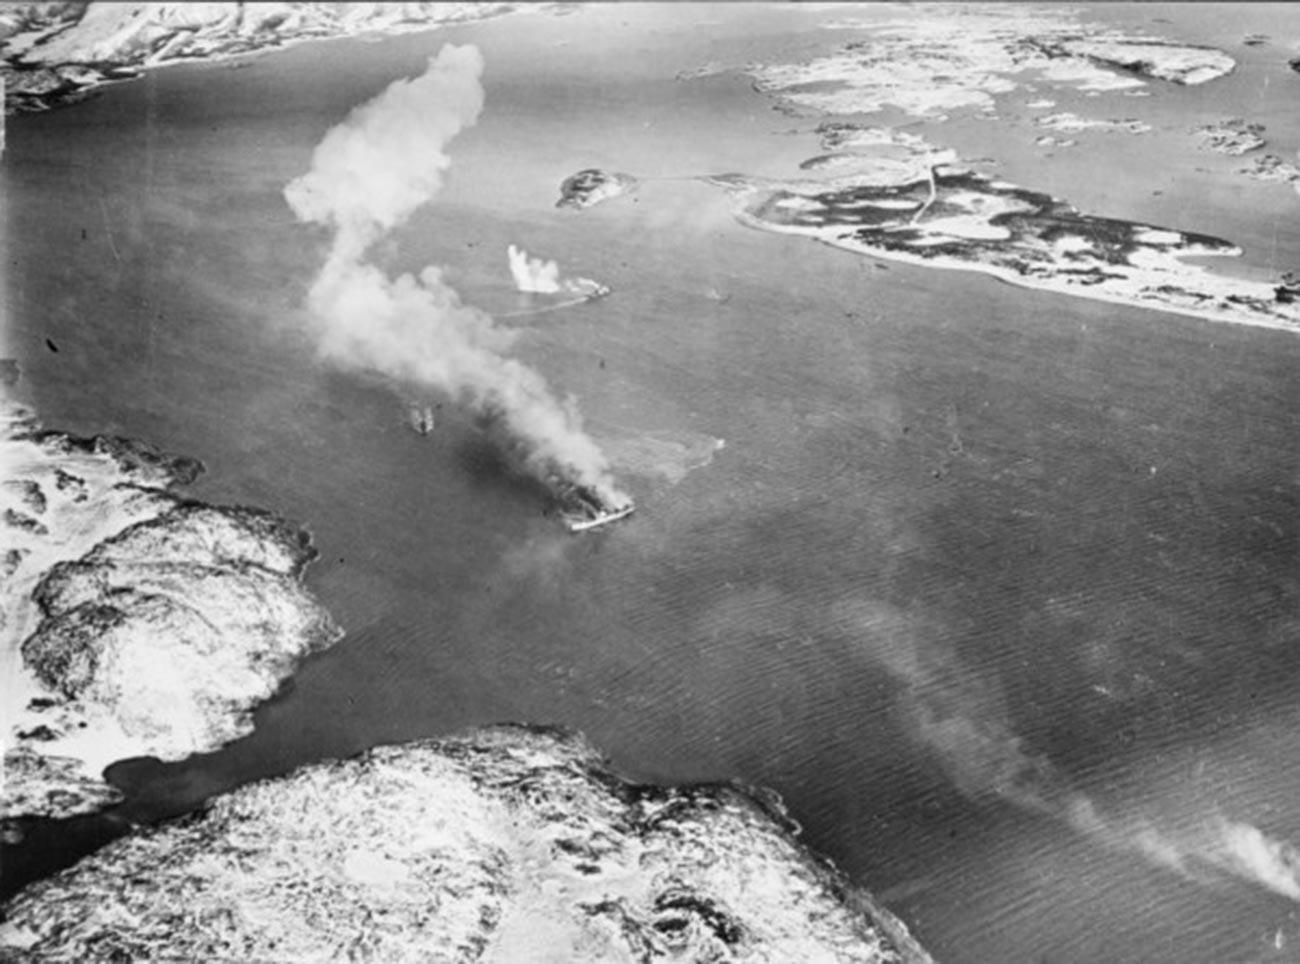 """Теретни брод """"Ригел"""" који је био у служби немачке армије и патролни чамци из његове пратње у пламену после бомбардовања."""